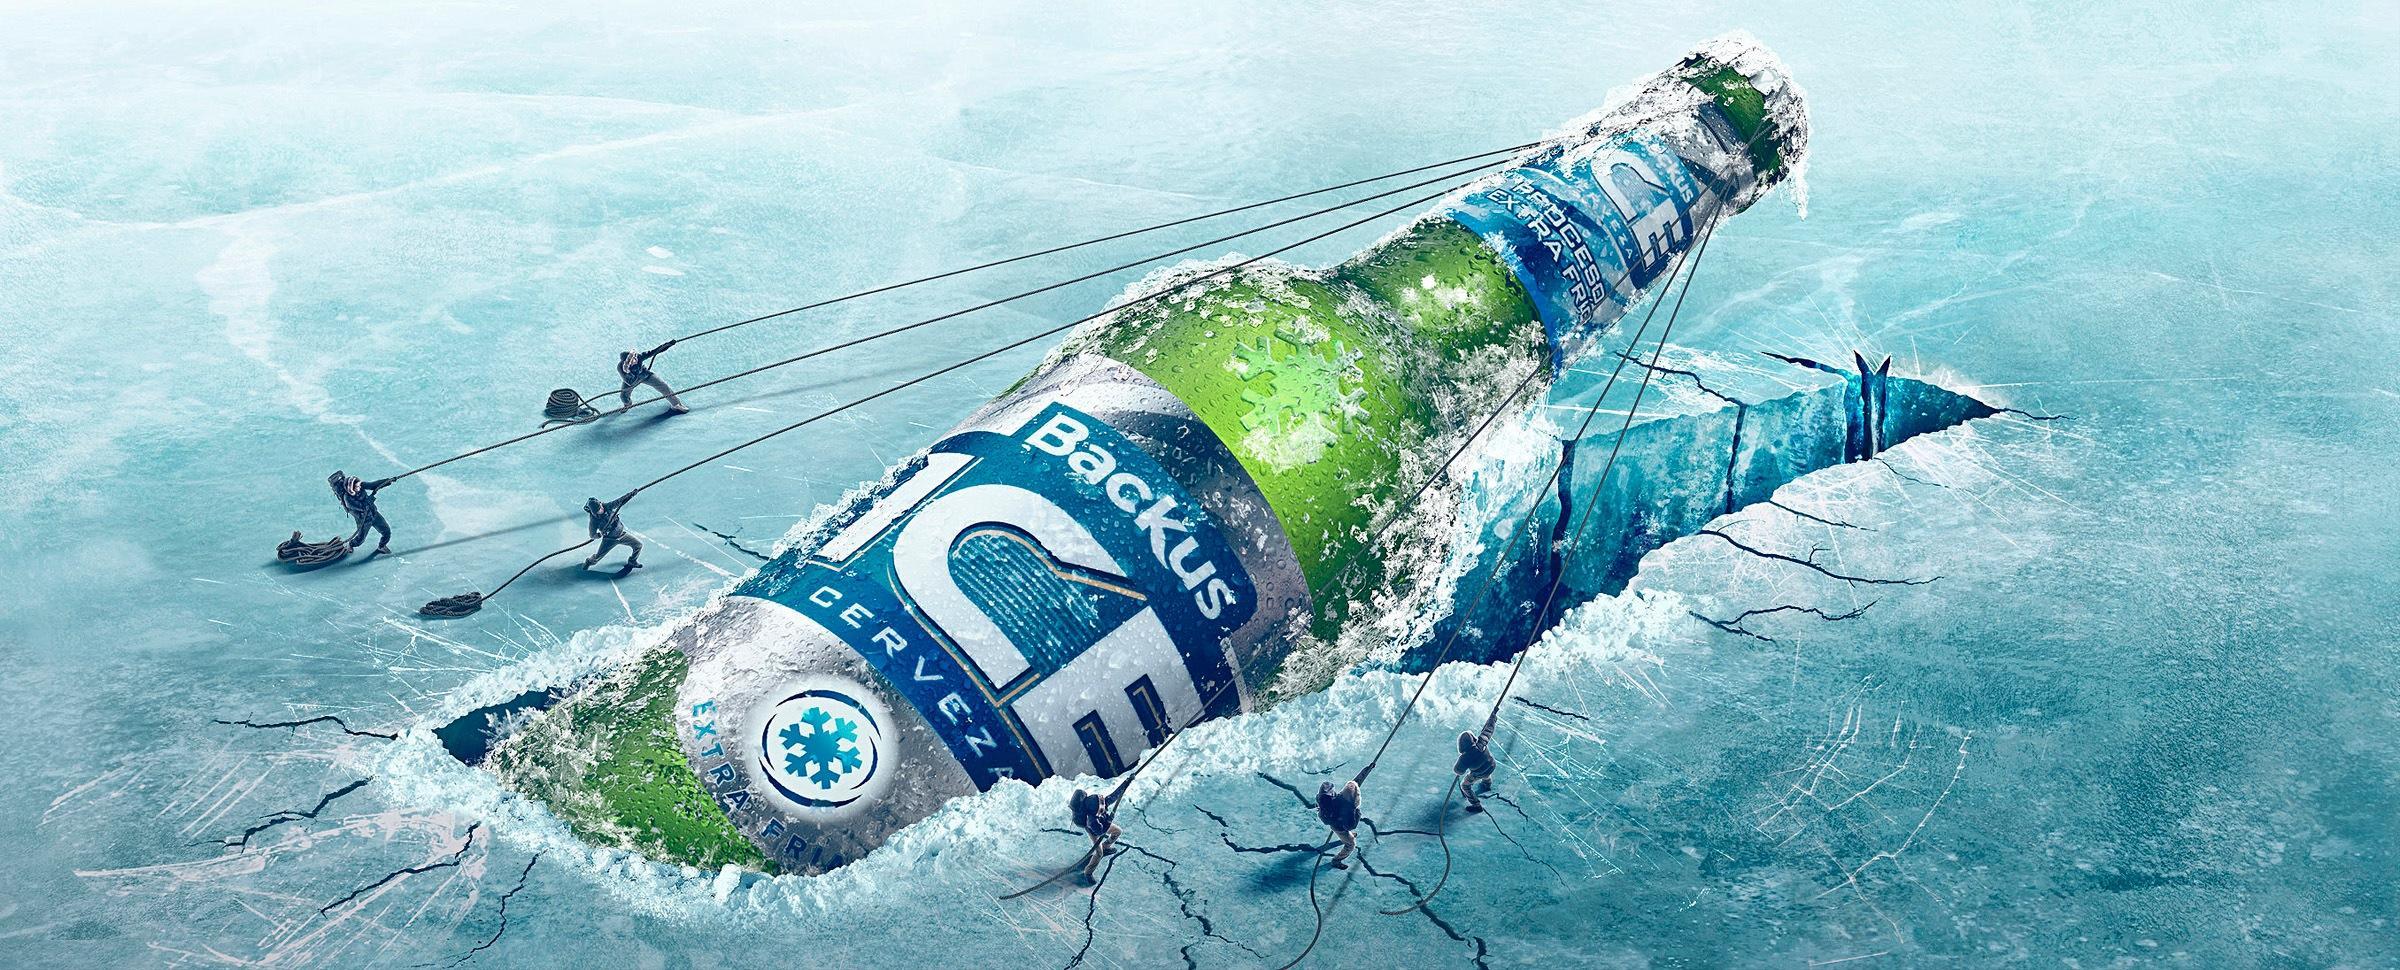 Backus Ice Outdoor Ad -  Hole